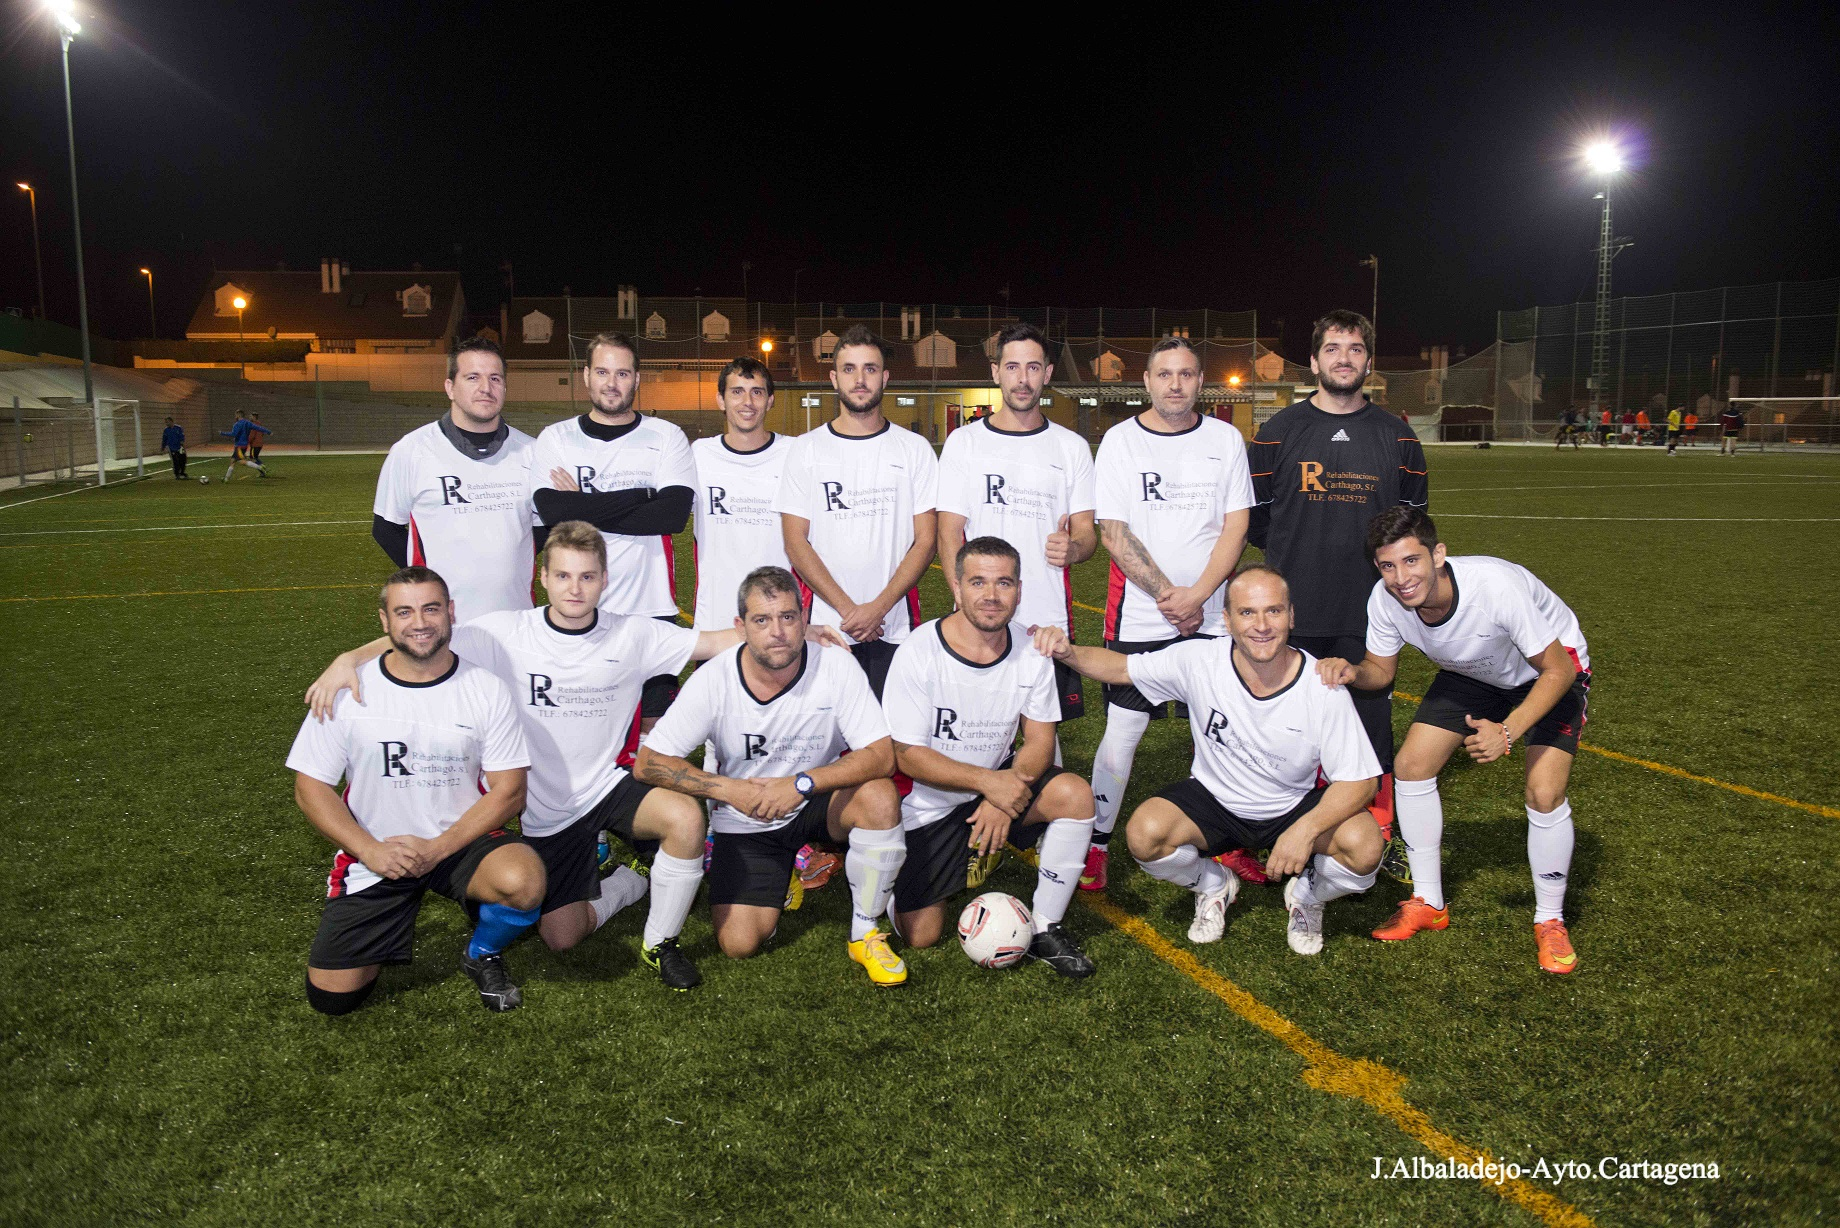 Imagen Fútbol Aficionado 3